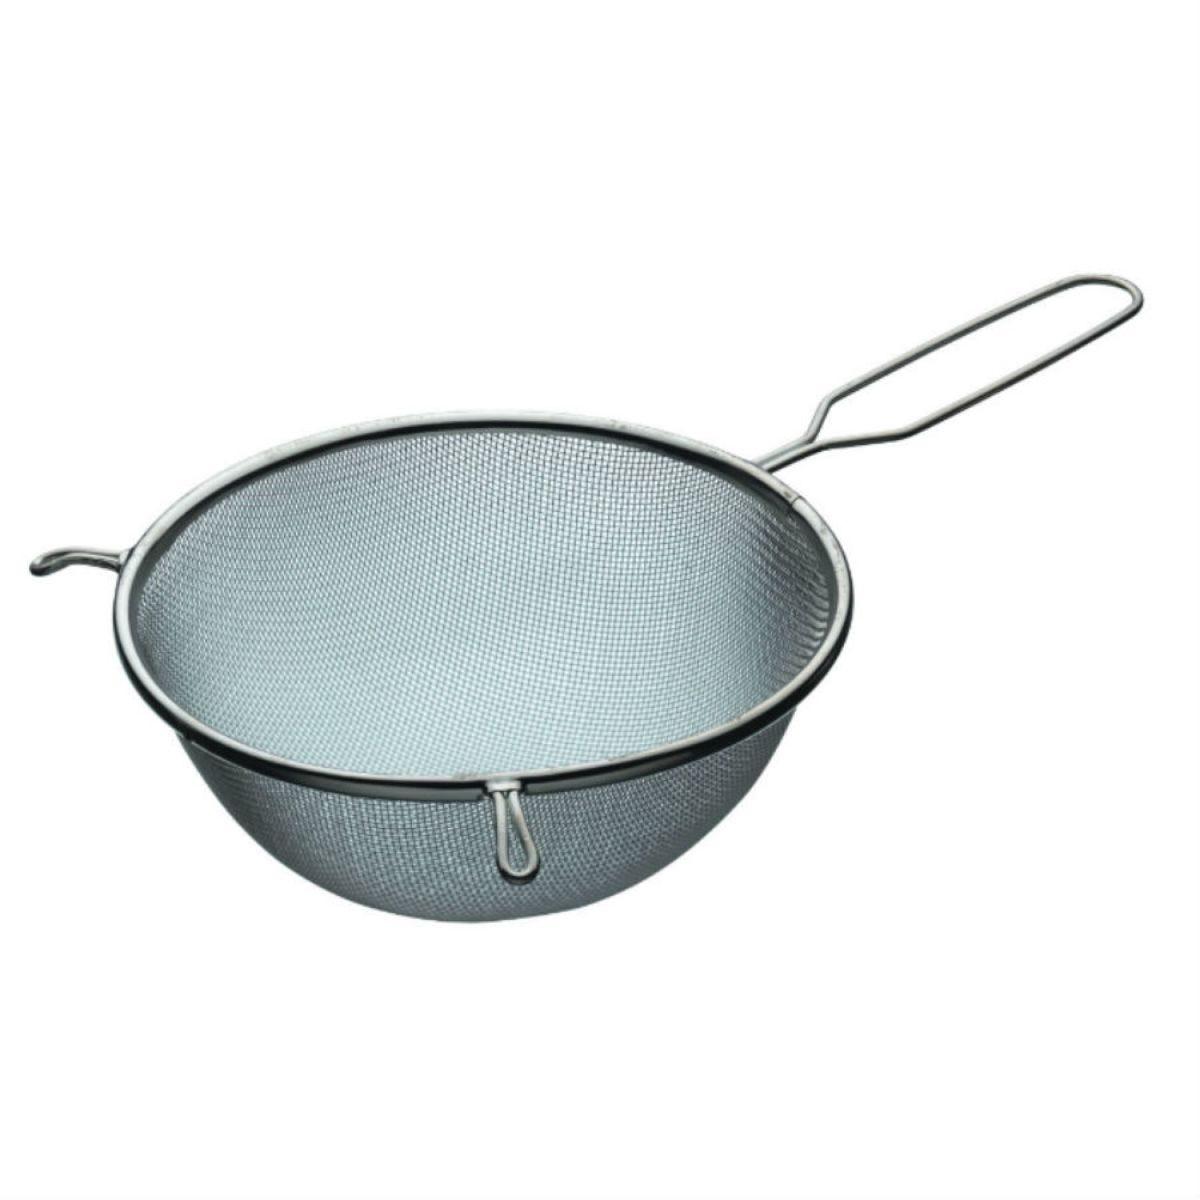 KitchenCraft 20cm Round Sieve